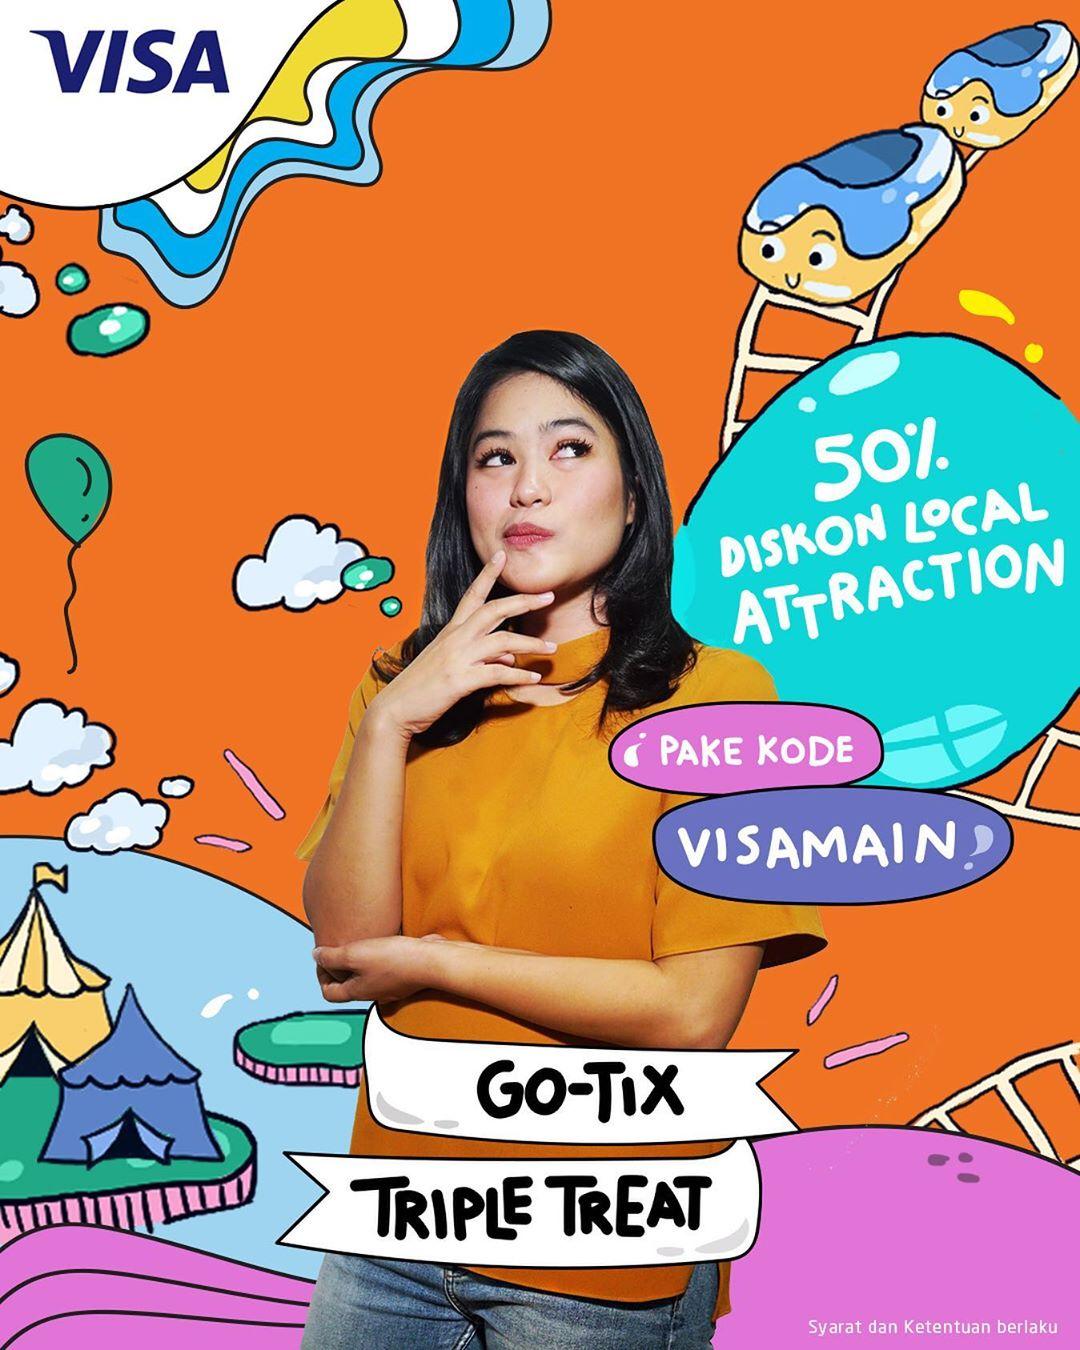 GOTIX Promo DISKON 50% untuk tiket objek wisata